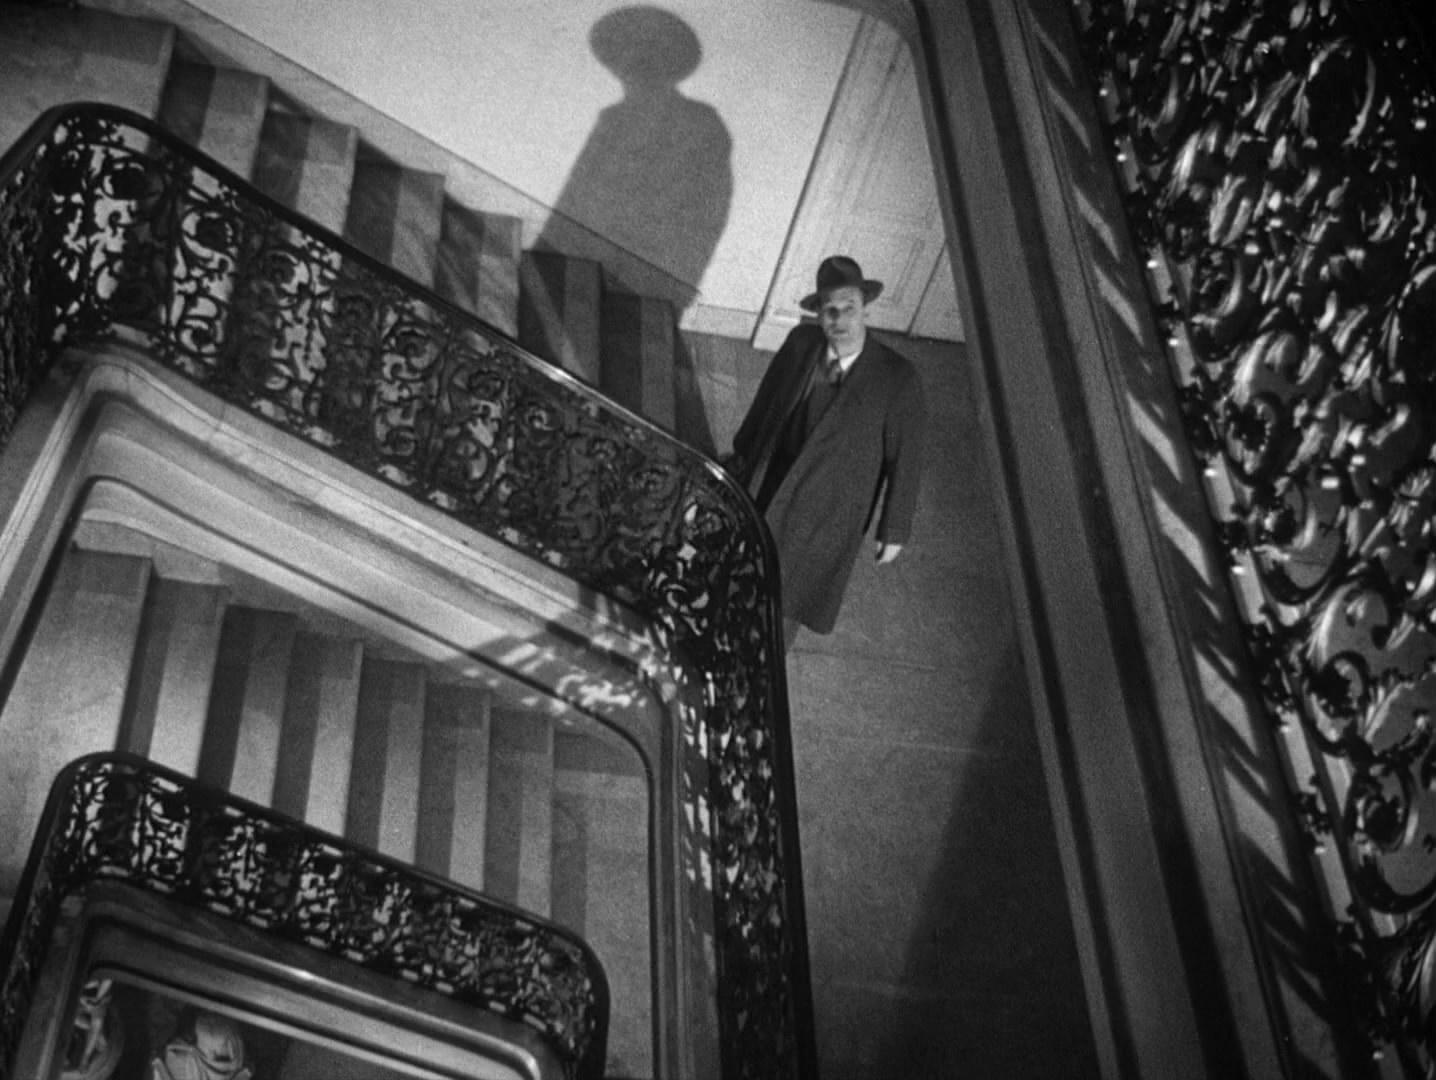 100 Best Corridors Stairs Lighting Images By John: Bonjourtristesse.net